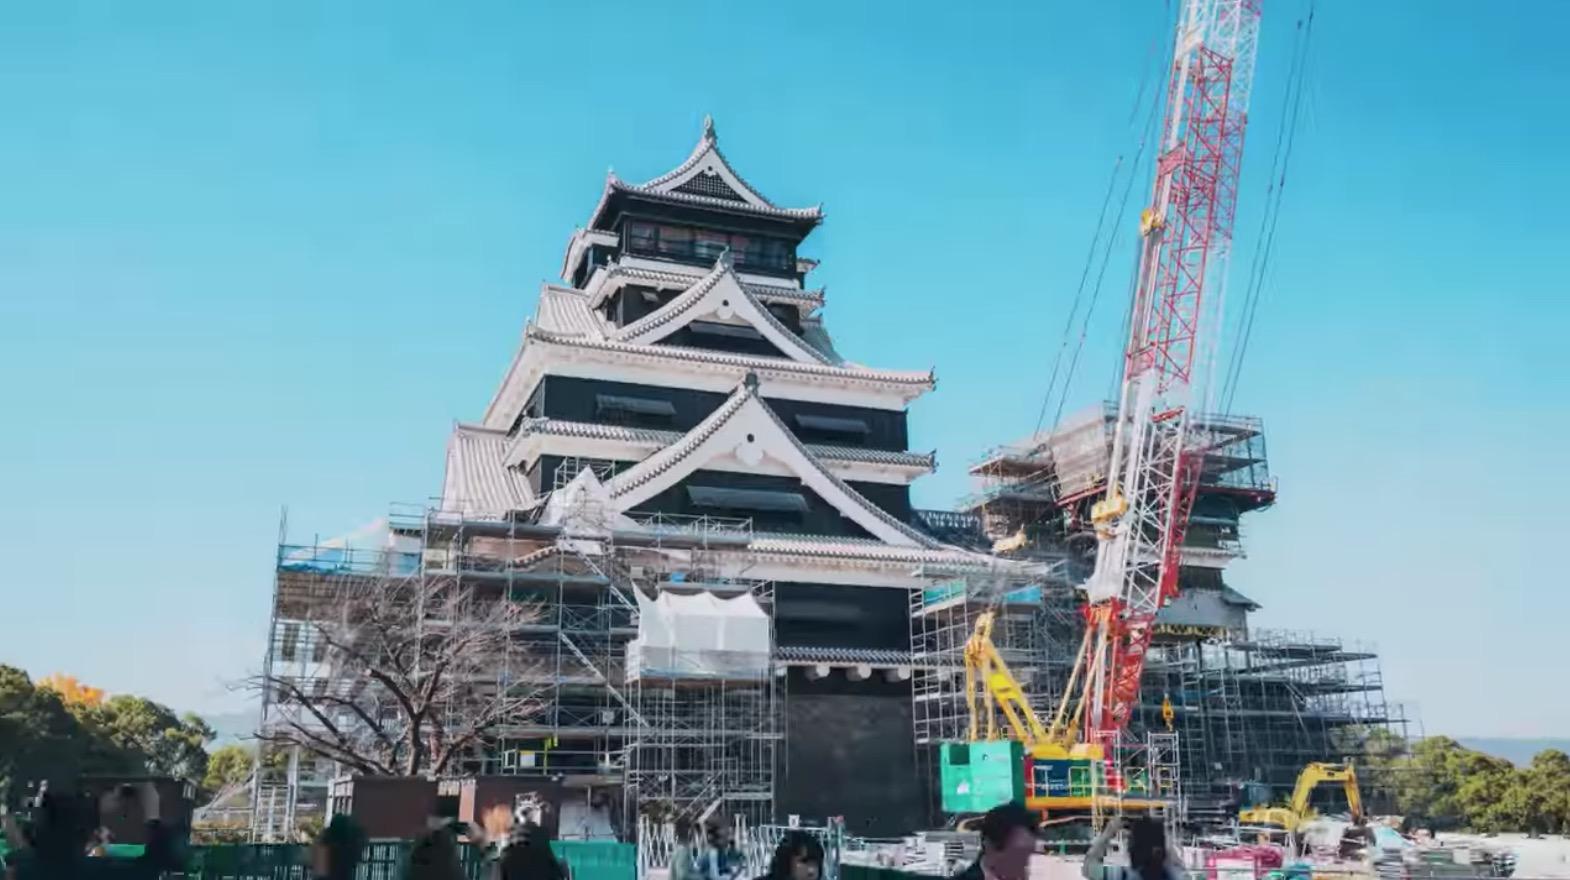 熊本城を見てきたよ。修復作業が進められているカッコイイ姿ば見に行かなんばい!!